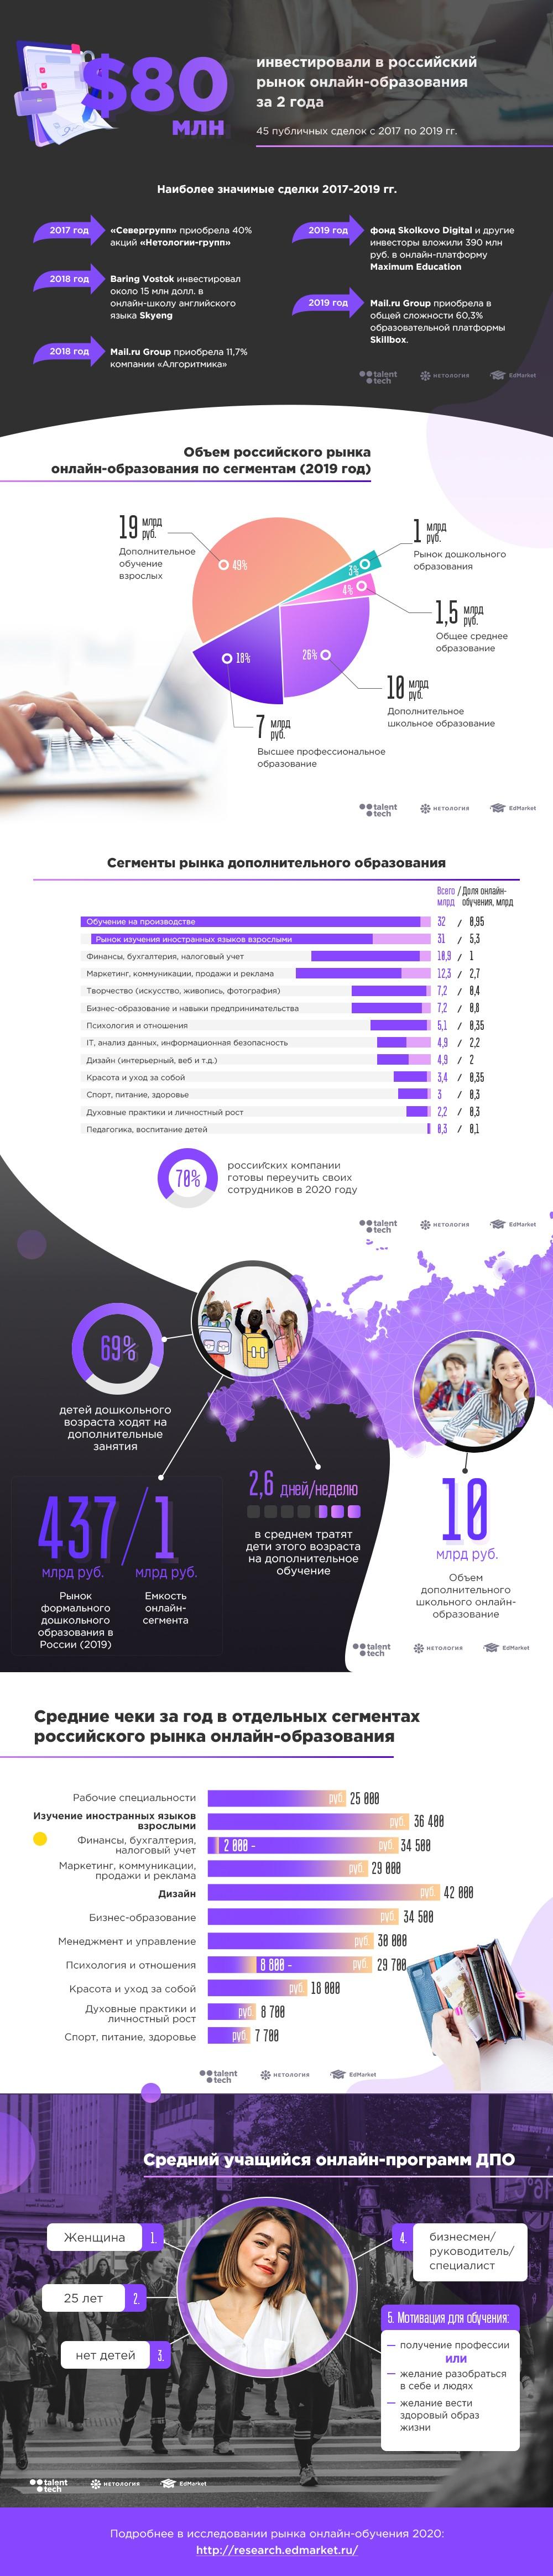 Исследование: как развивается российский рынок онлайн-образования и как на него влияет COVID-19